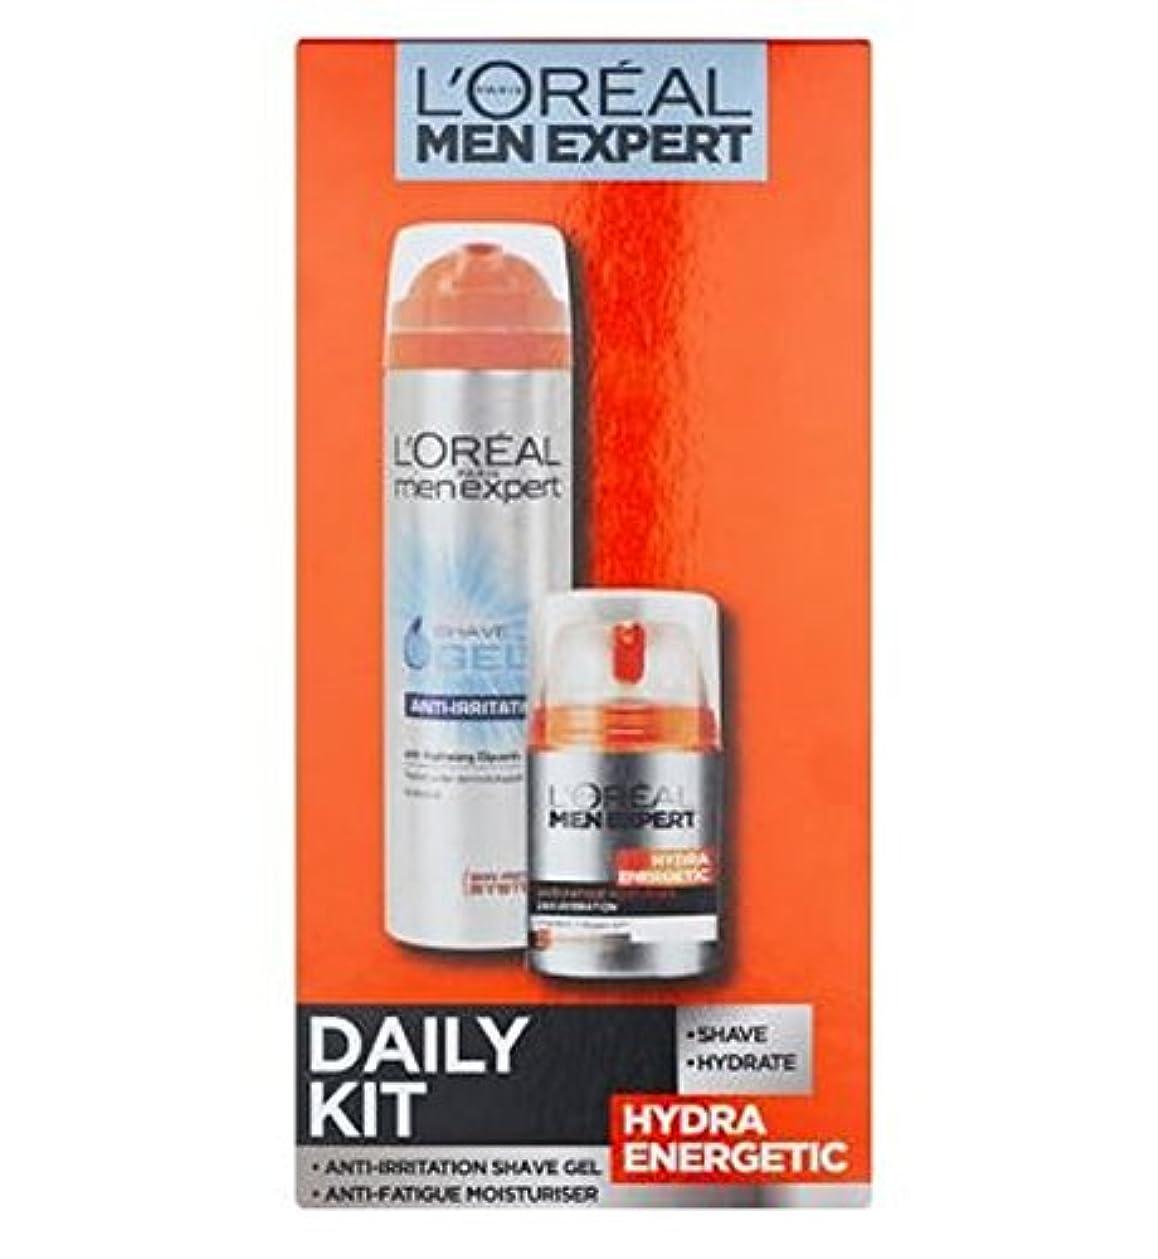 否定するブレイズ成功するロレアルの男性の専門家ヒドラエネルギッシュな毎日のスキンケアキット (L'Oreal) (x2) - L'Oreal Men Expert Hydra Energetic Daily Skincare Kit (Pack...